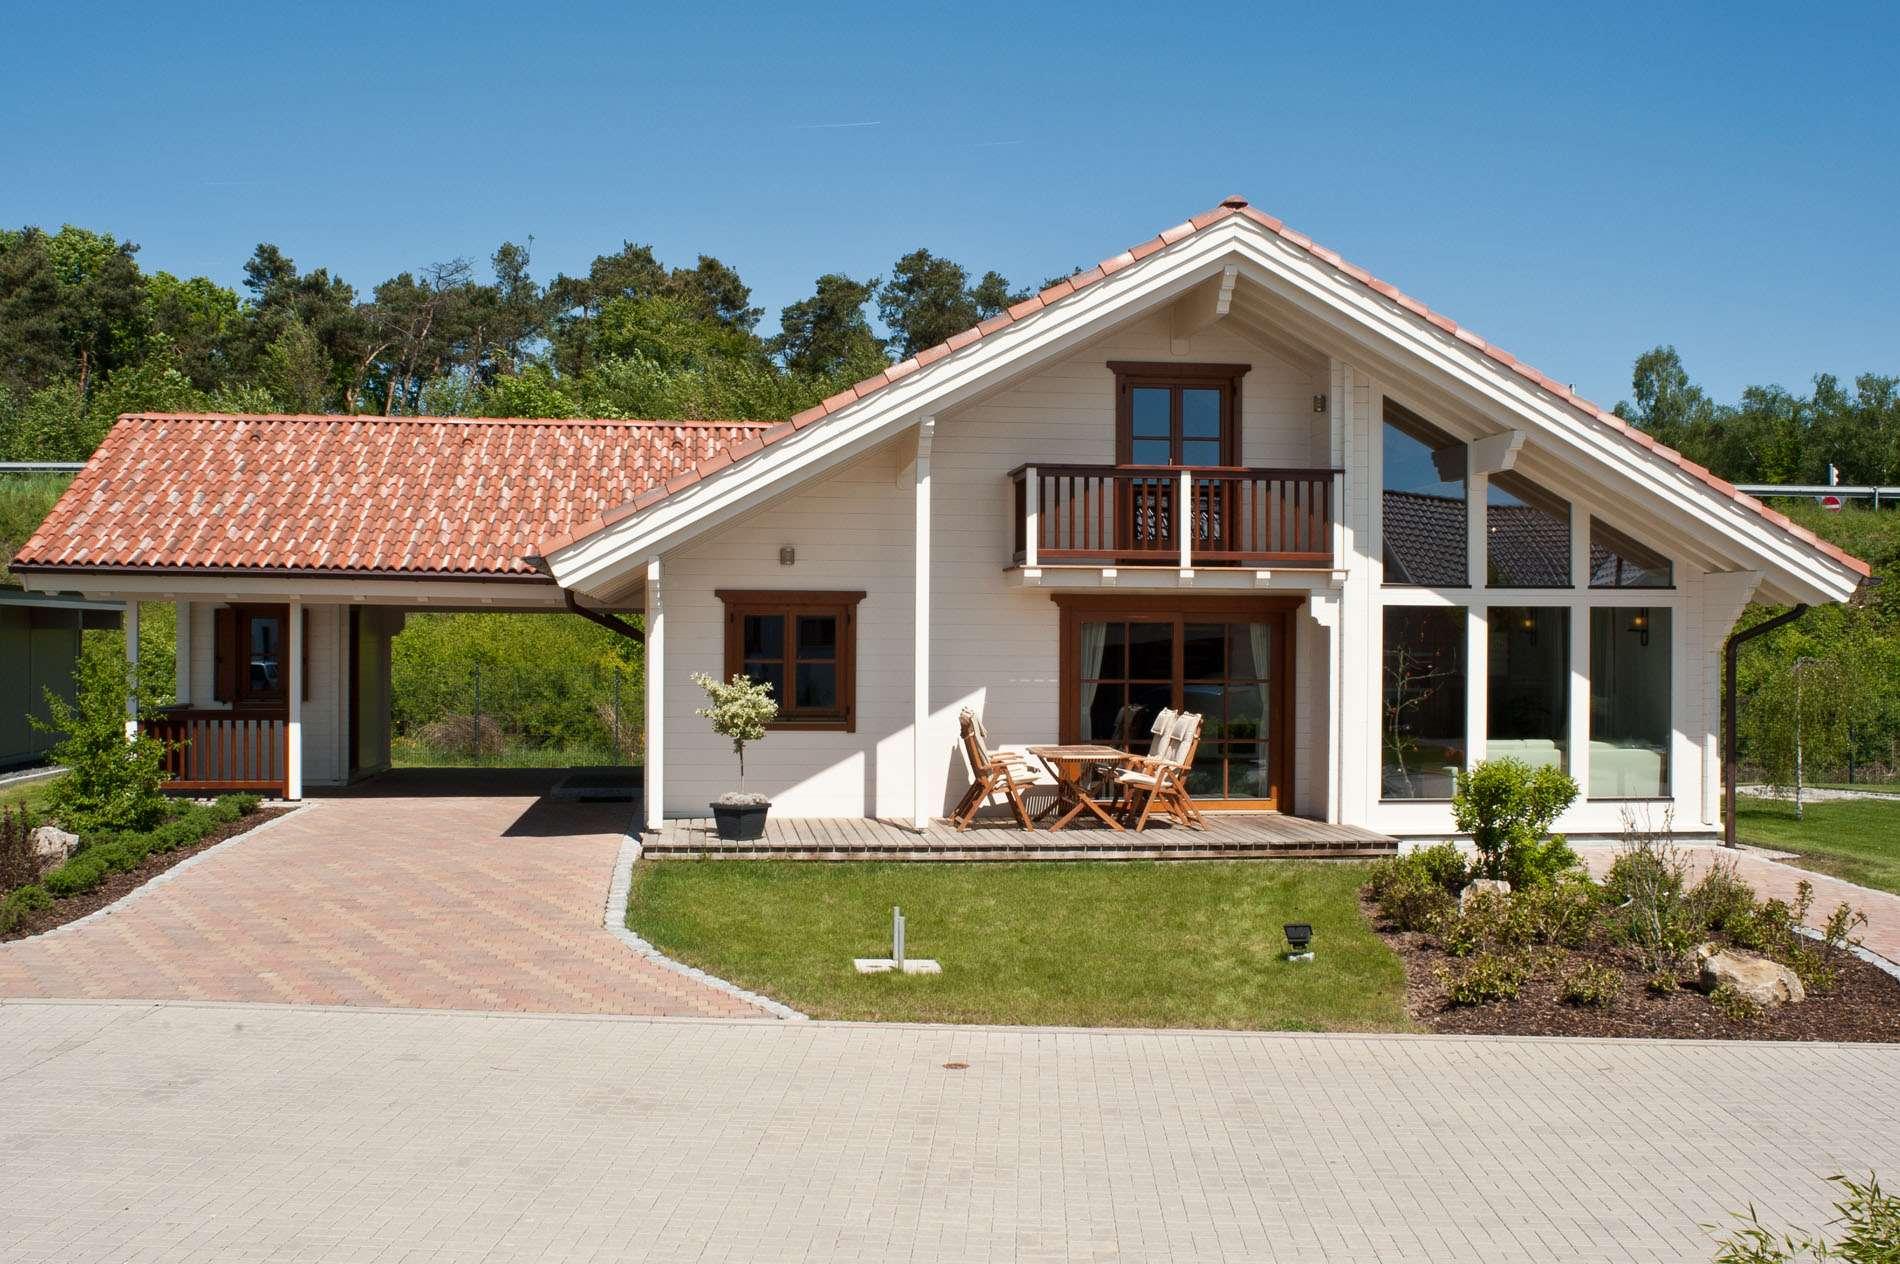 musterhaus n rnberg rubner haus anbieter. Black Bedroom Furniture Sets. Home Design Ideas